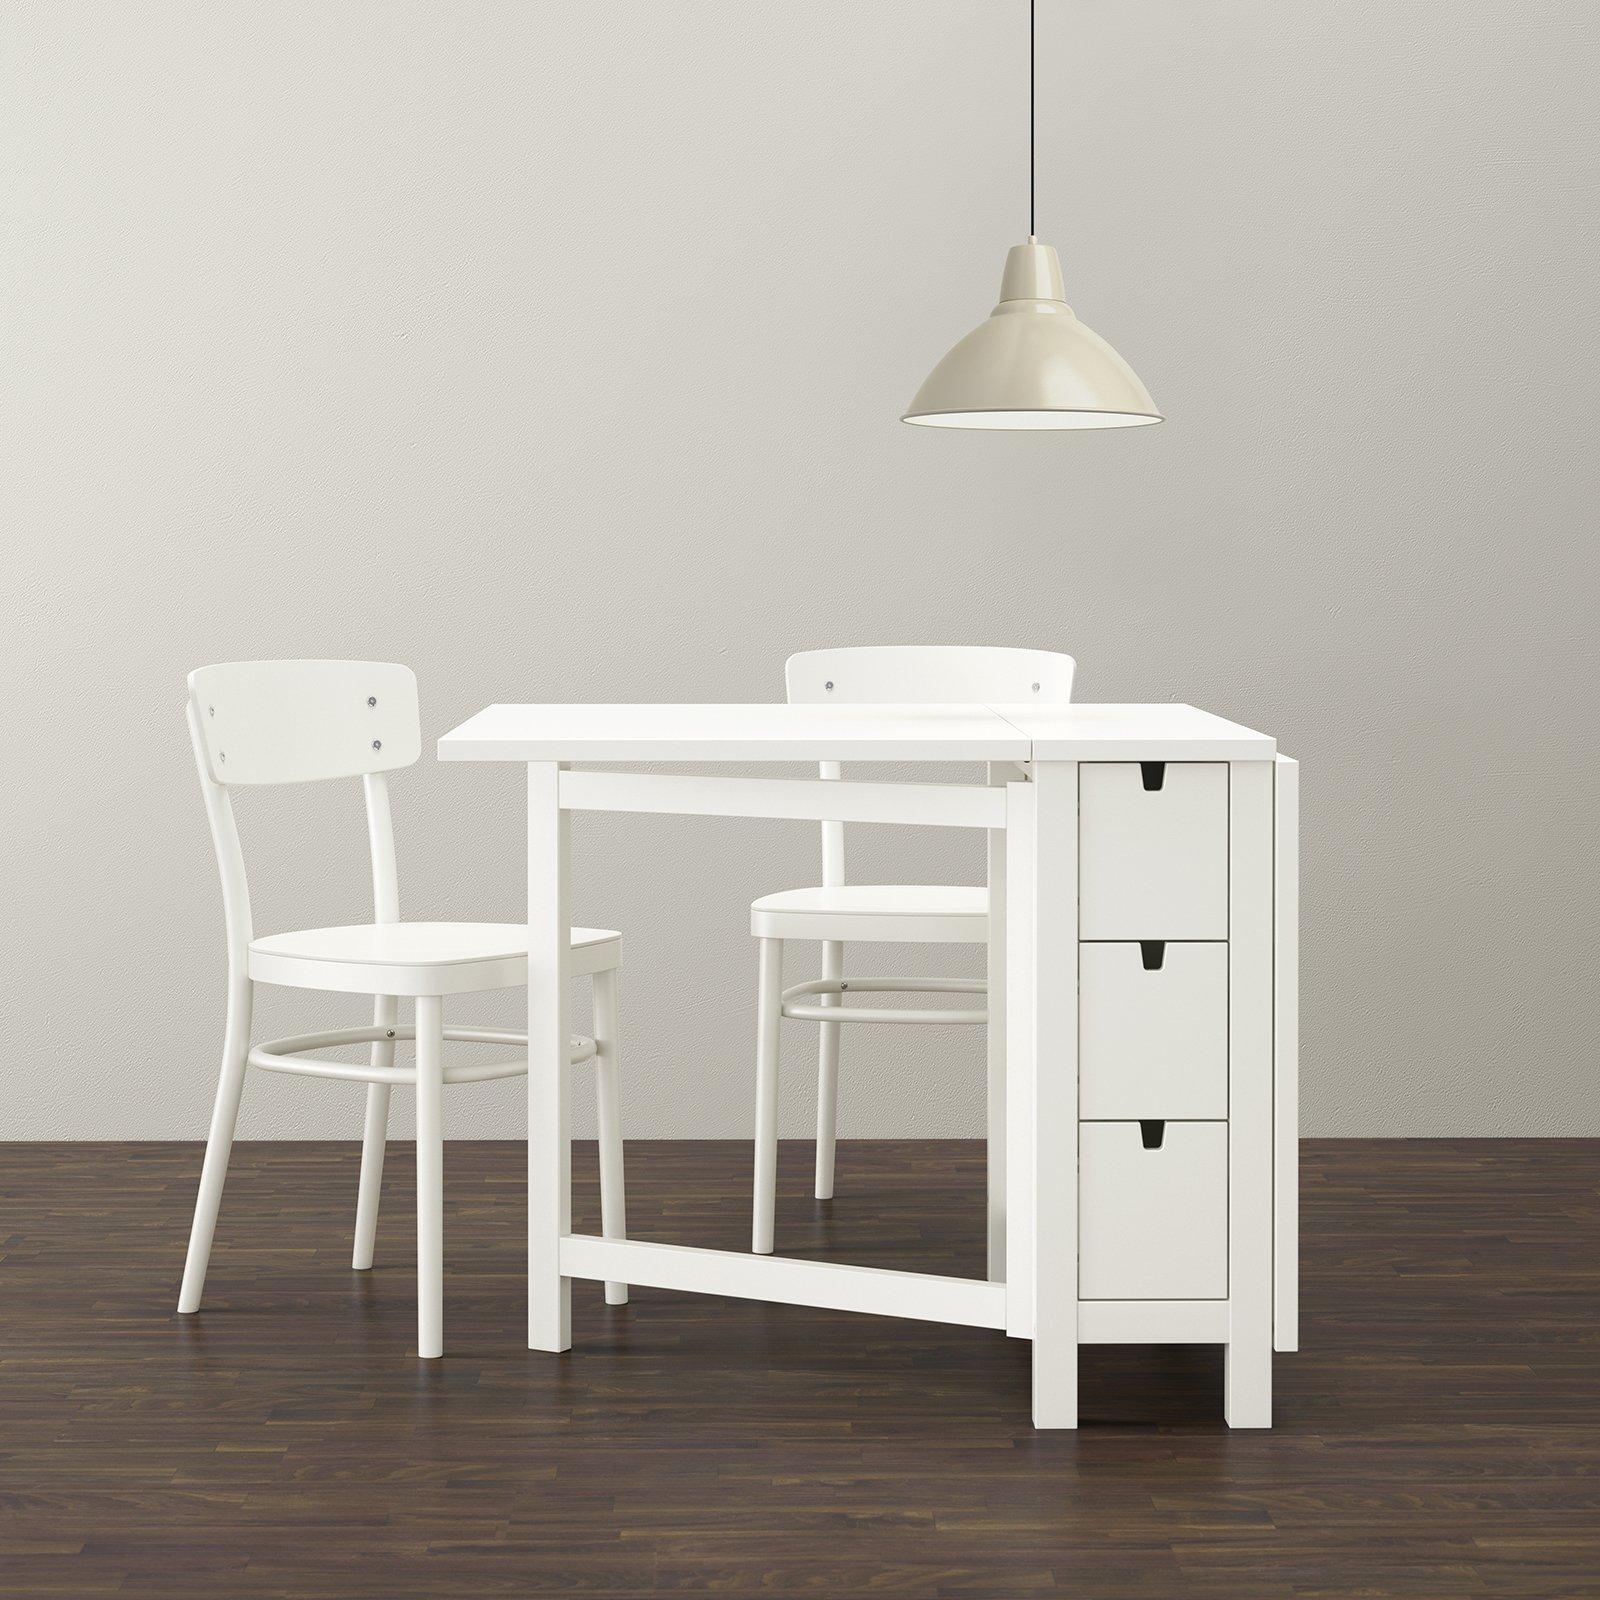 Tavoli bianchi allungabili tavoli bianchi allungabili for Tavoli bianchi moderni